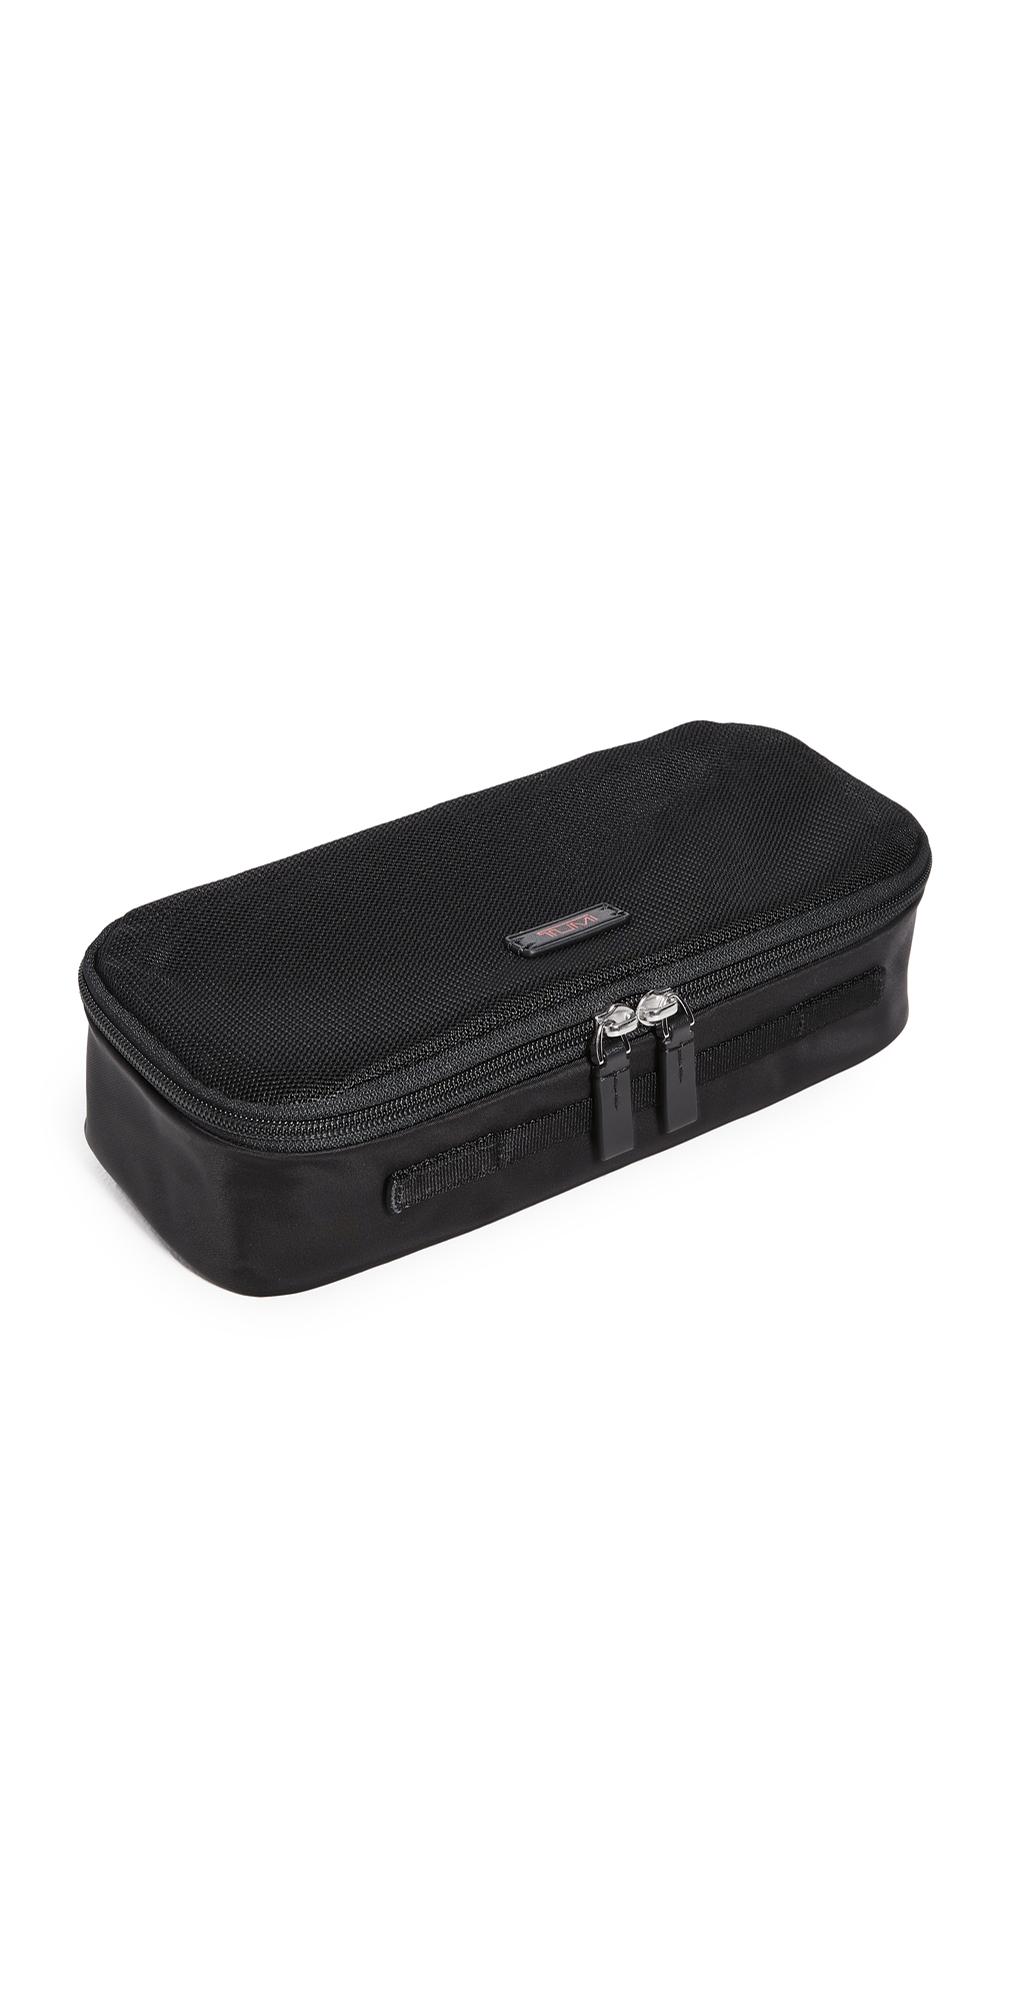 Tumi Slim Packing Cube